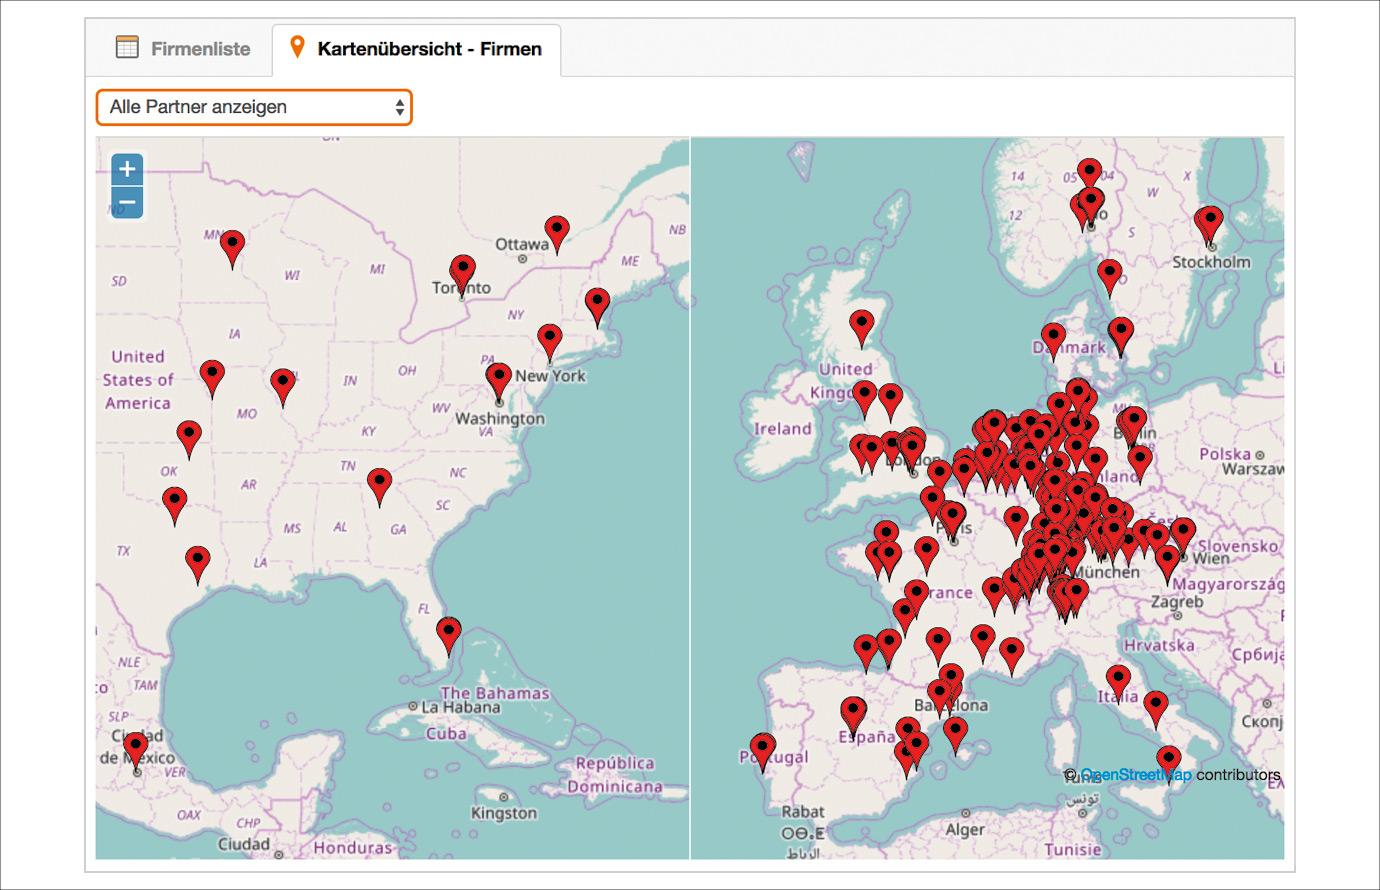 onlinereporting_networkretailers_de.jpg